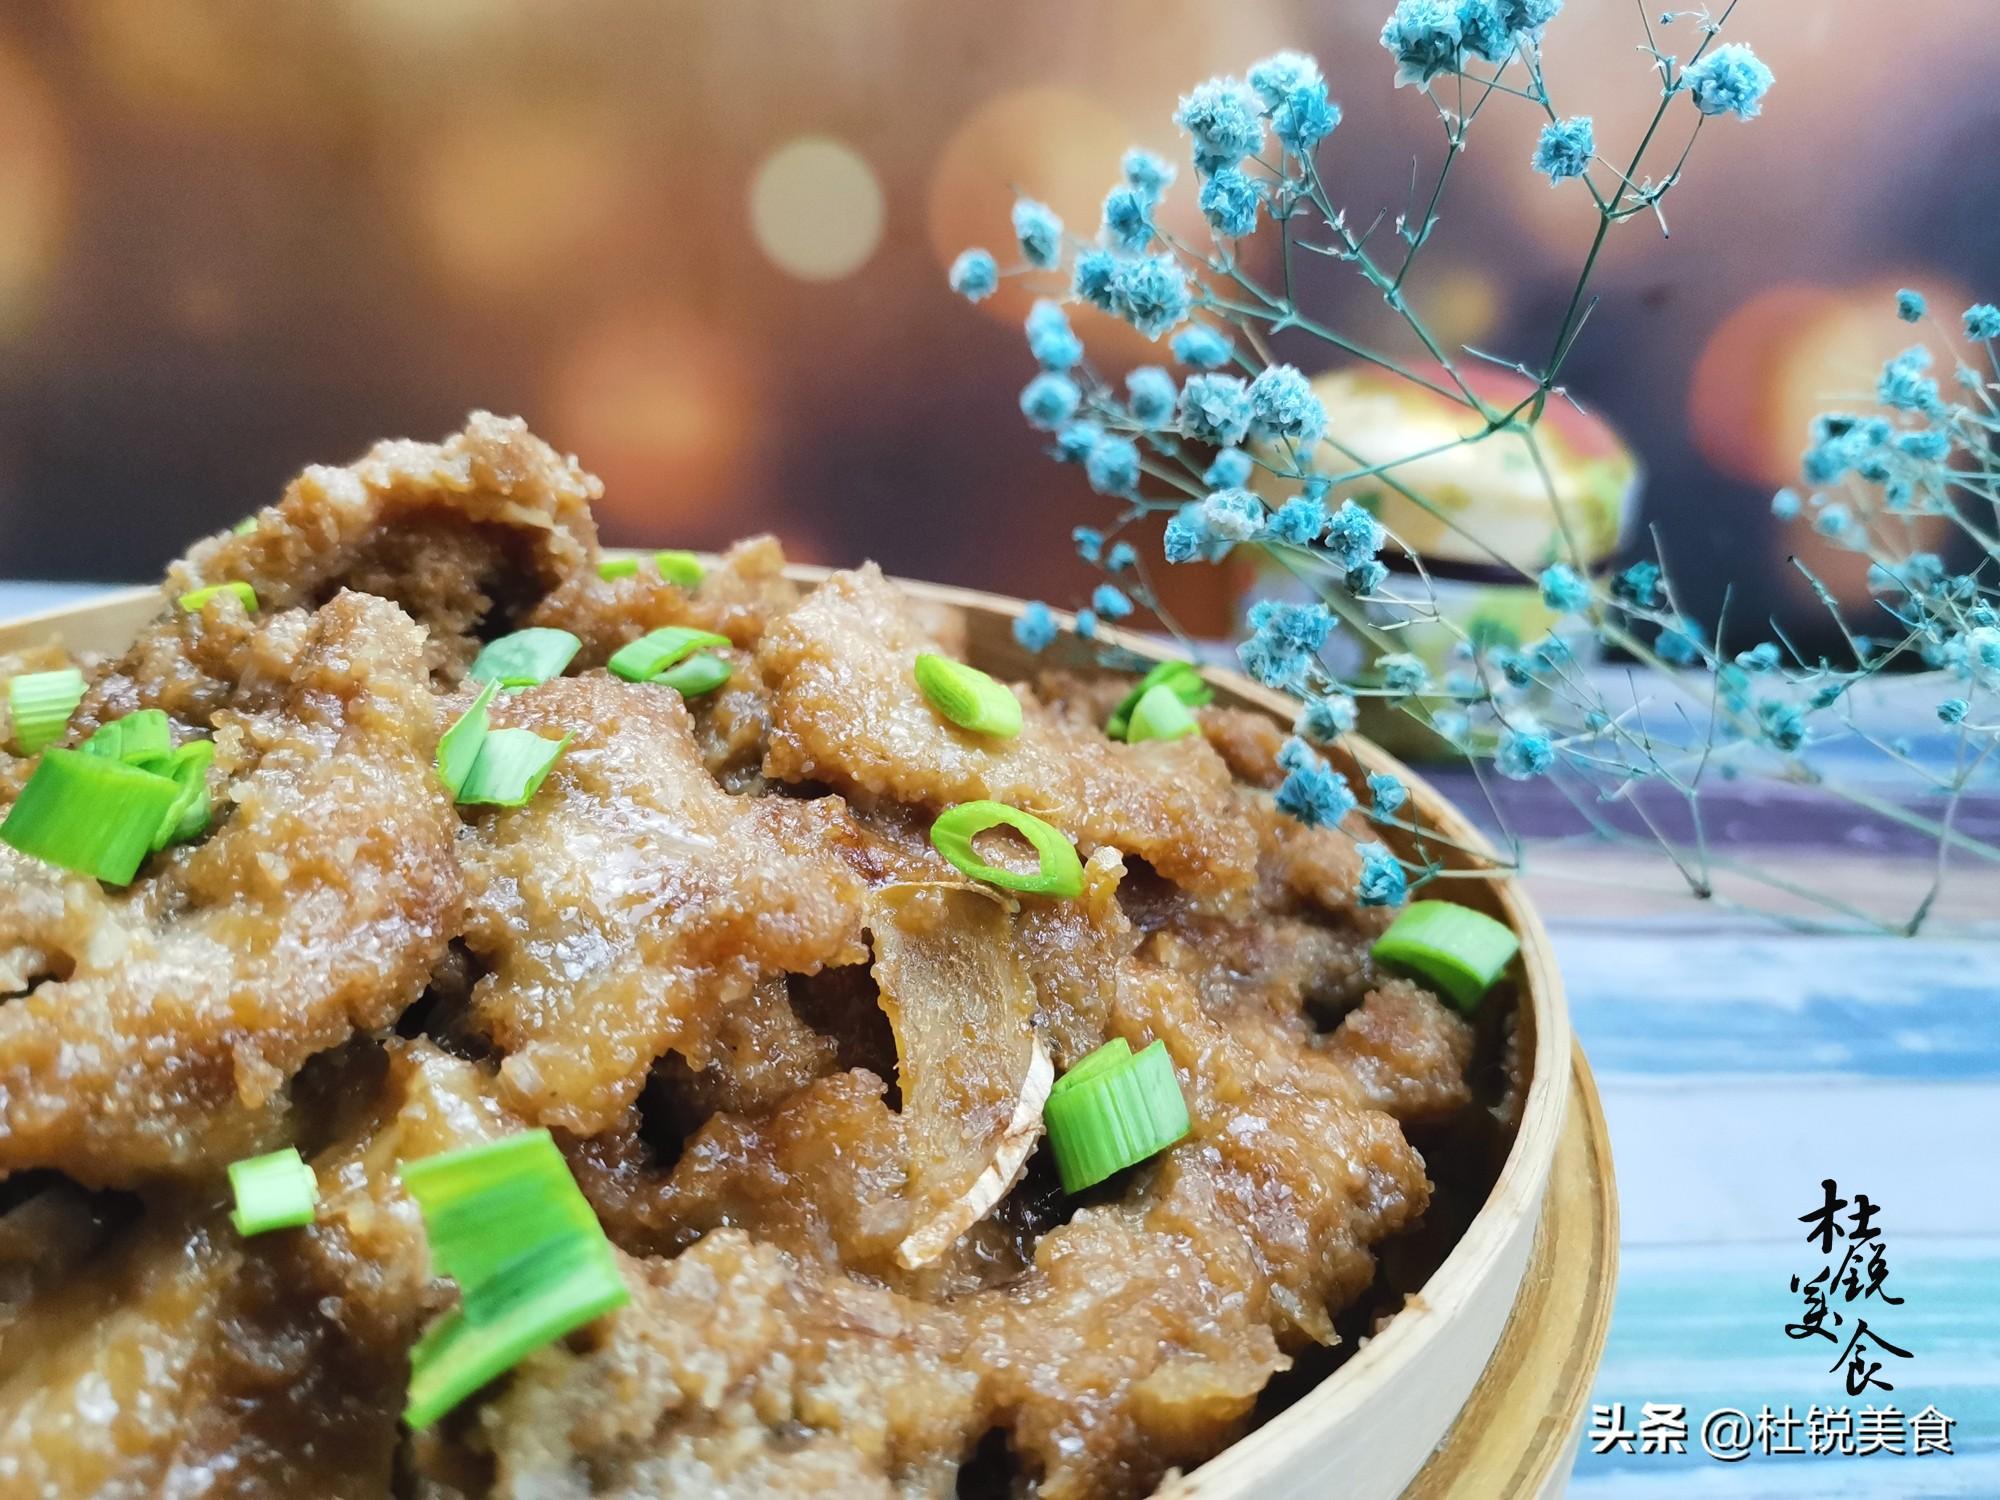 粉蒸肉美味做法,过年家宴上的吉祥菜,寓意来年日子蒸蒸日上 美食做法 第7张